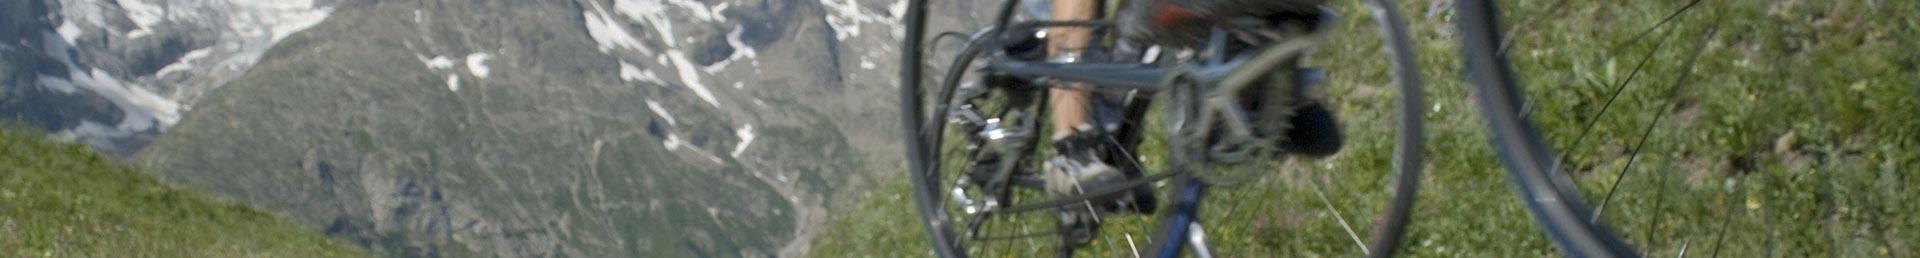 Vélo / VTT